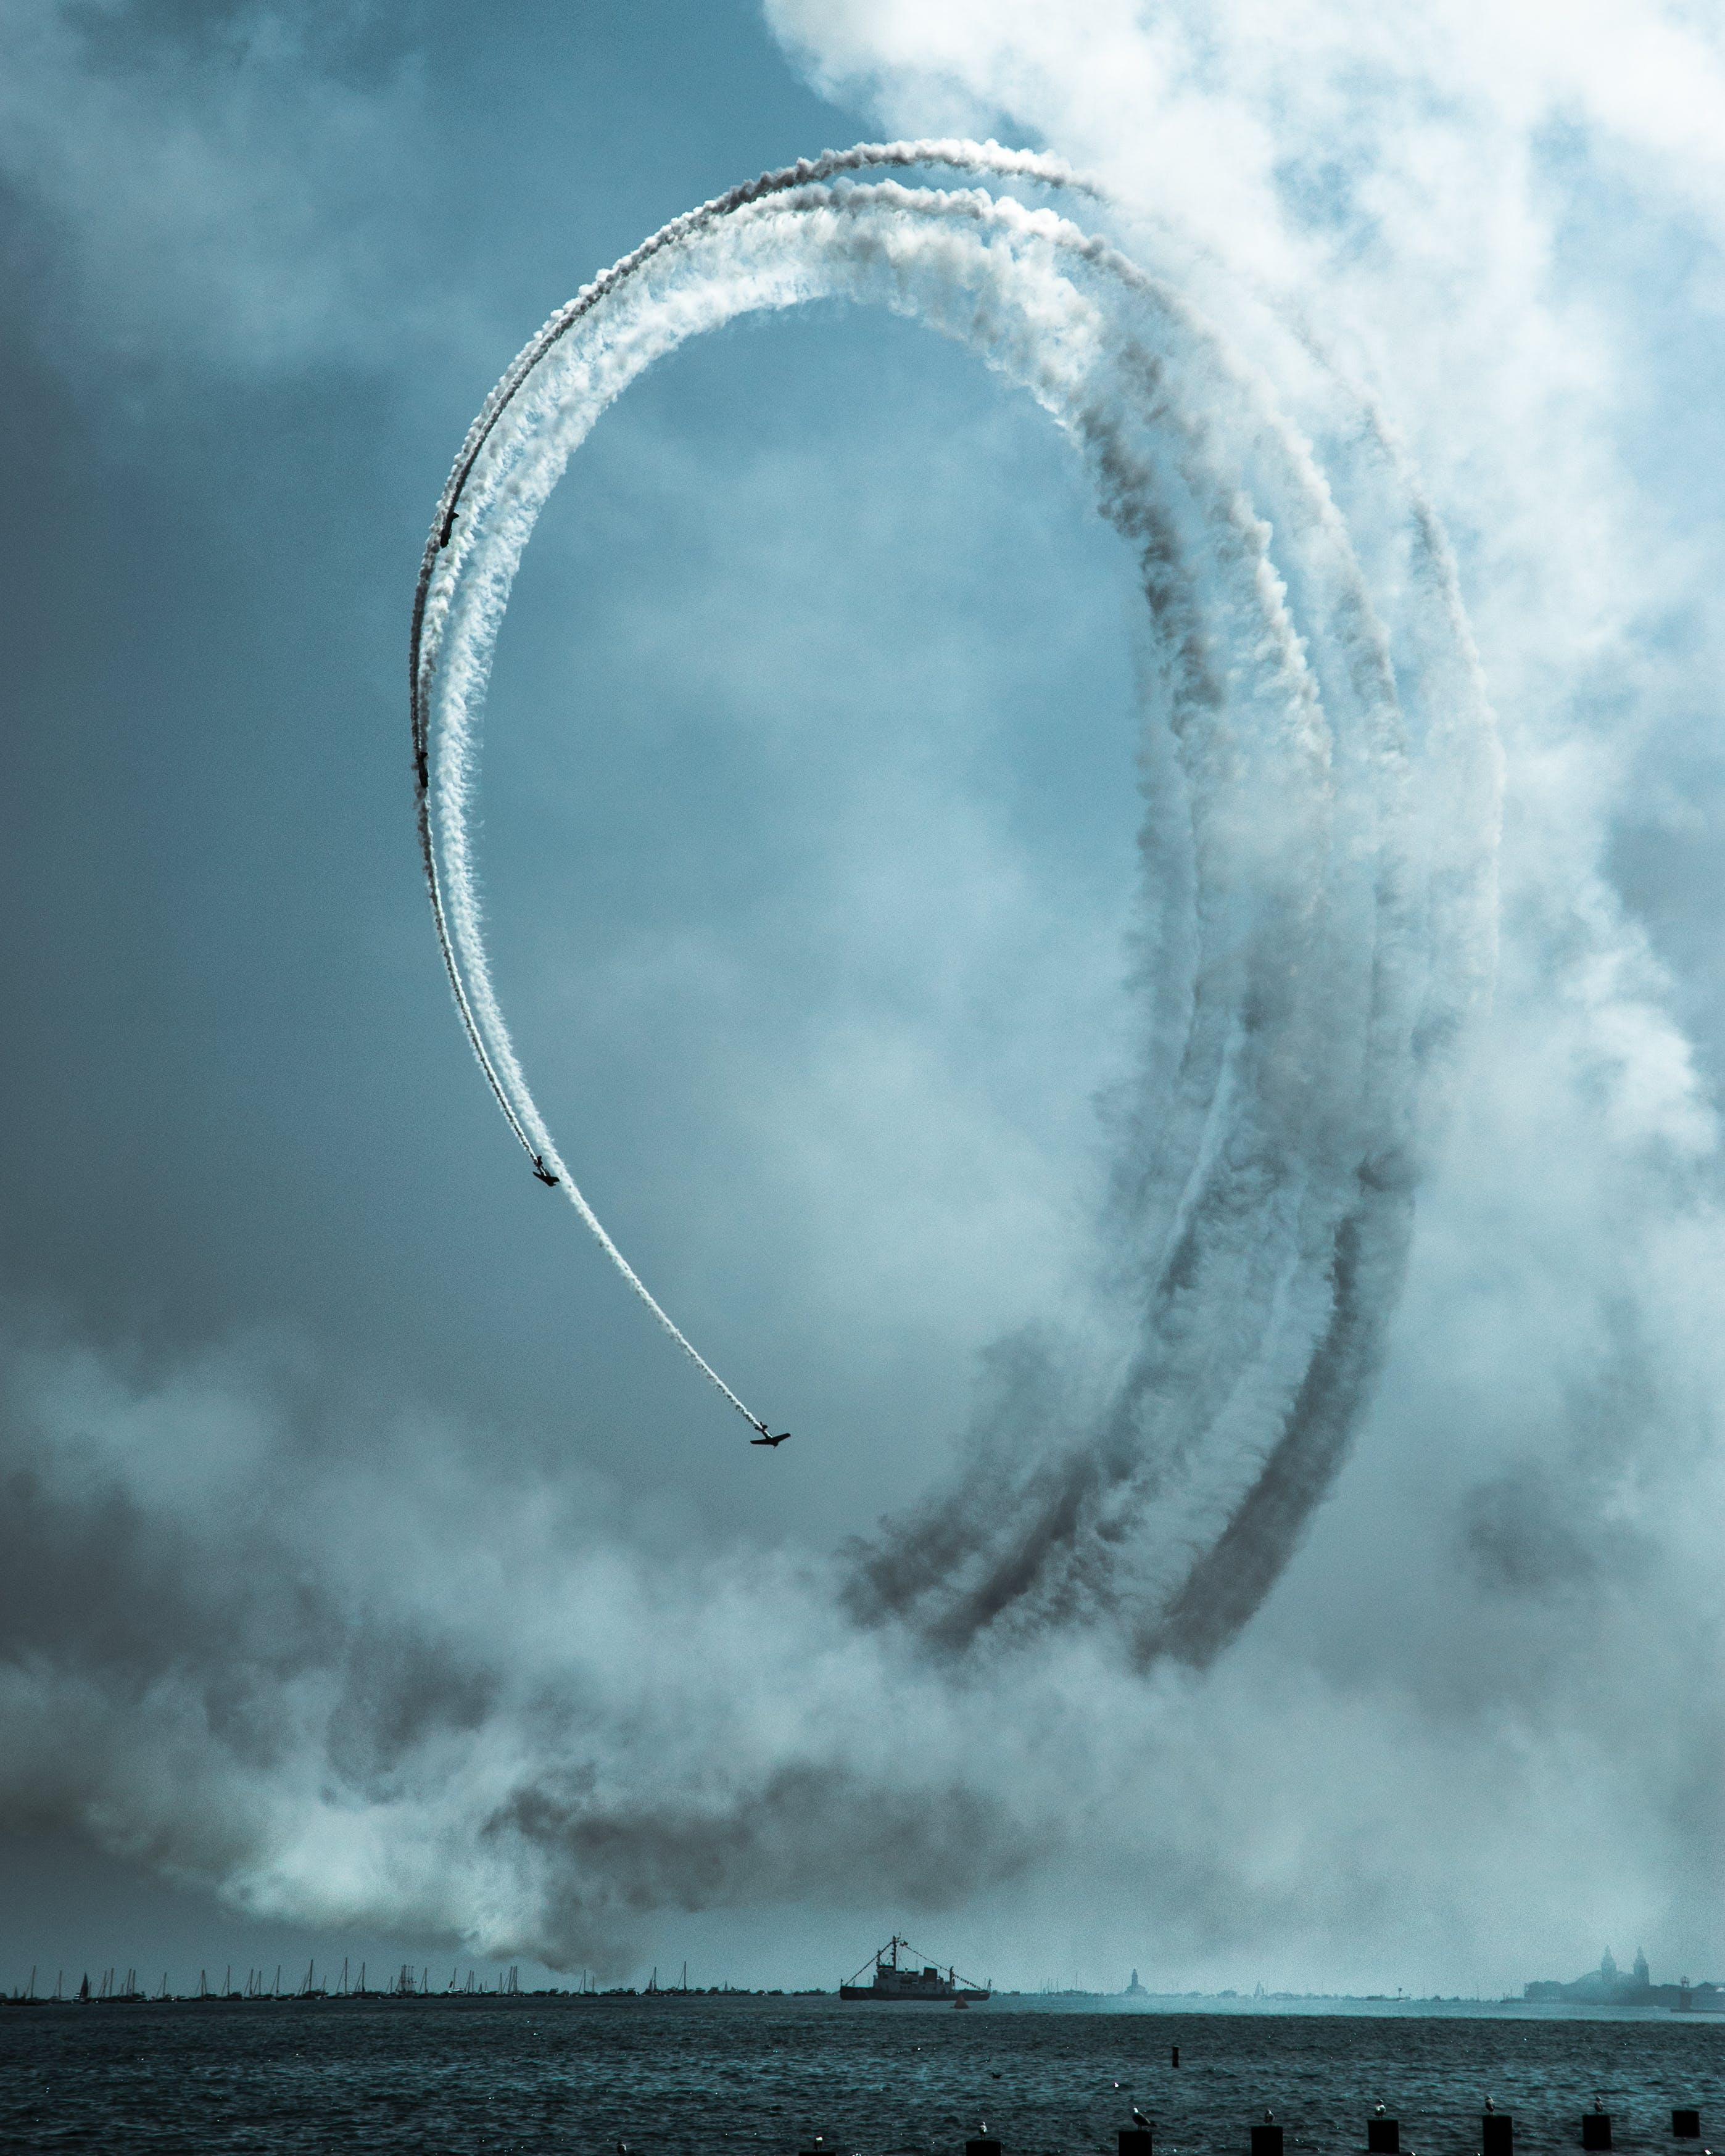 Δωρεάν στοκ φωτογραφιών με αεροπλοΐα, αεροπορική επίδειξη, αεροσκάφη, ίχνη συμπύκνωσης